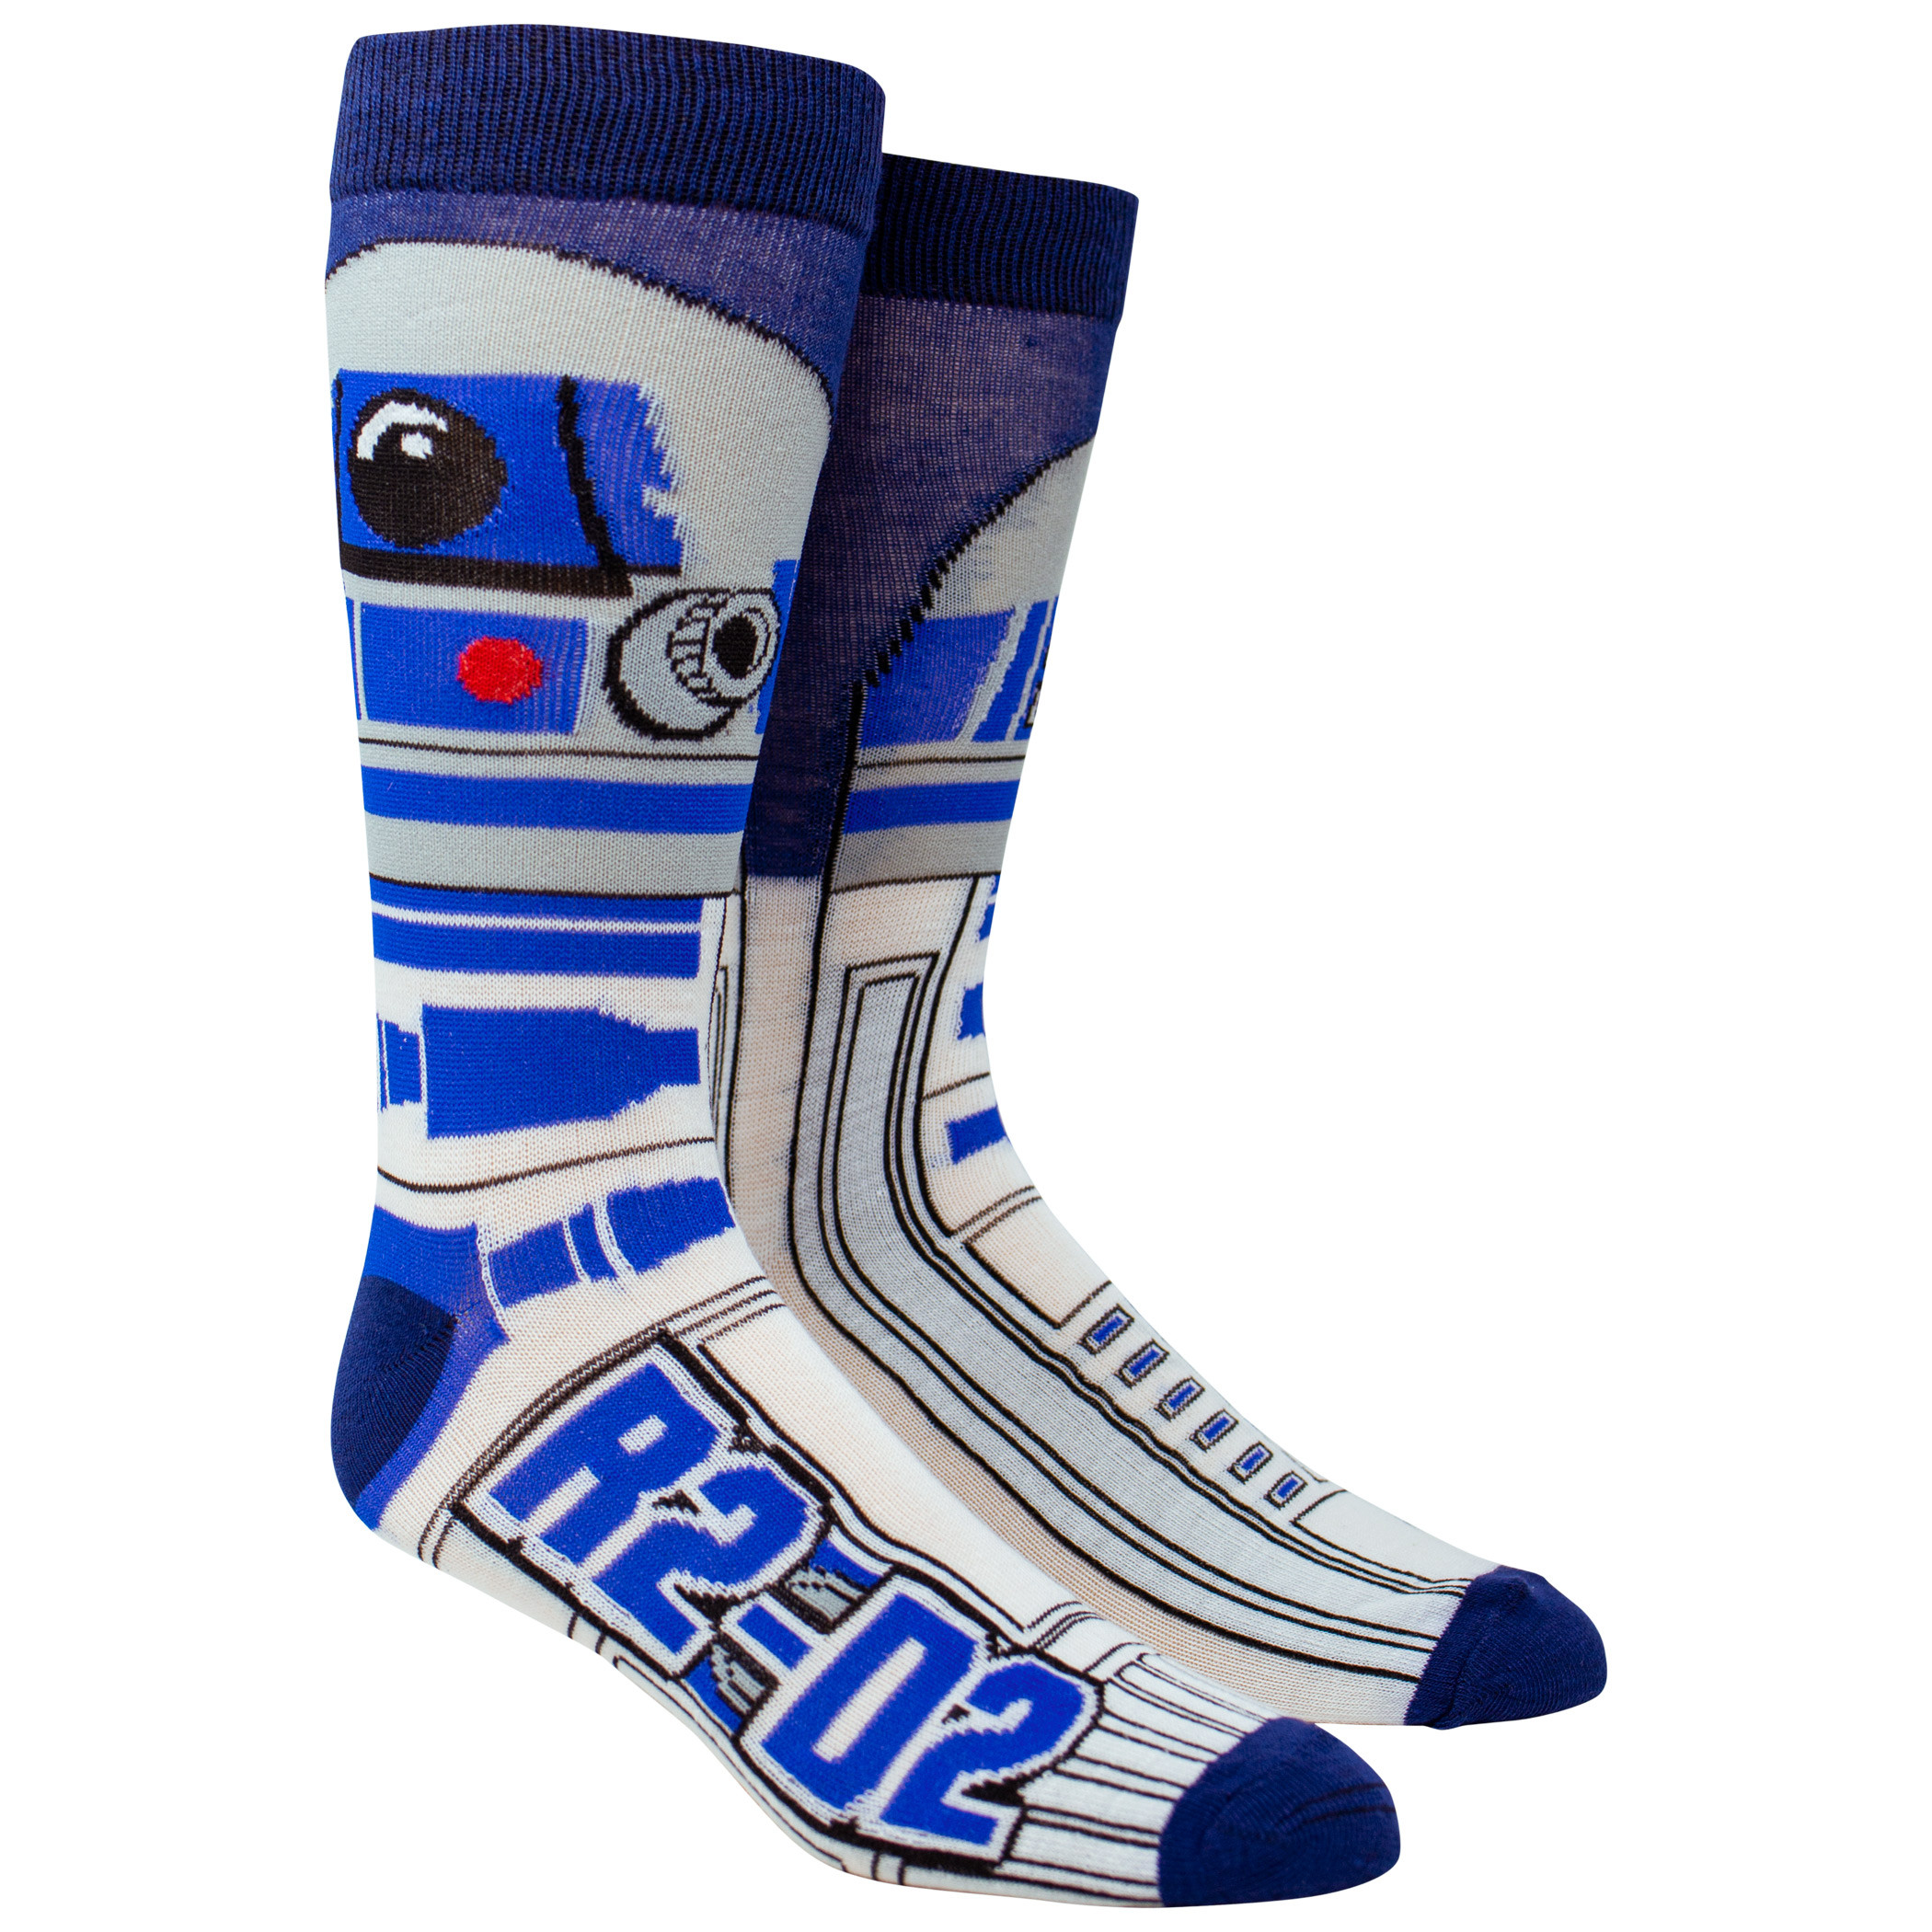 Star Wars R2-D2 Character Crew Socks